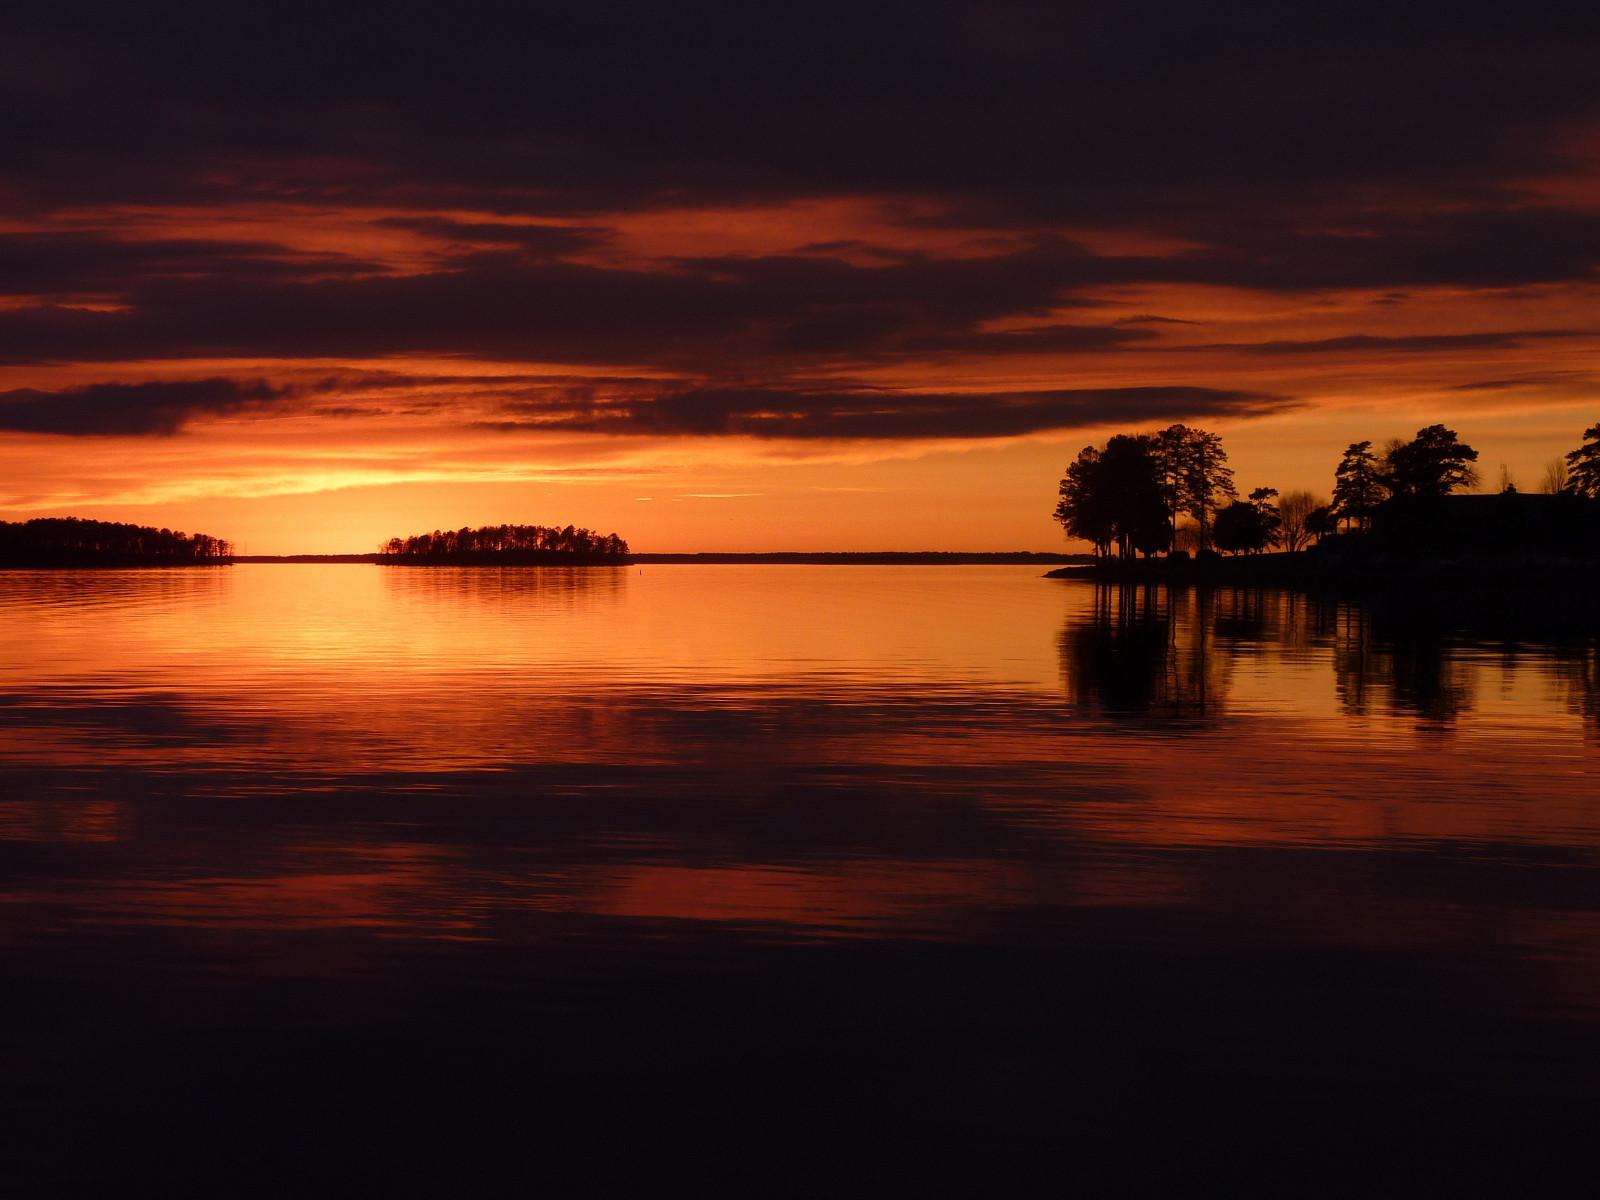 настоящий домосед найти фотографии озер на закате герой один